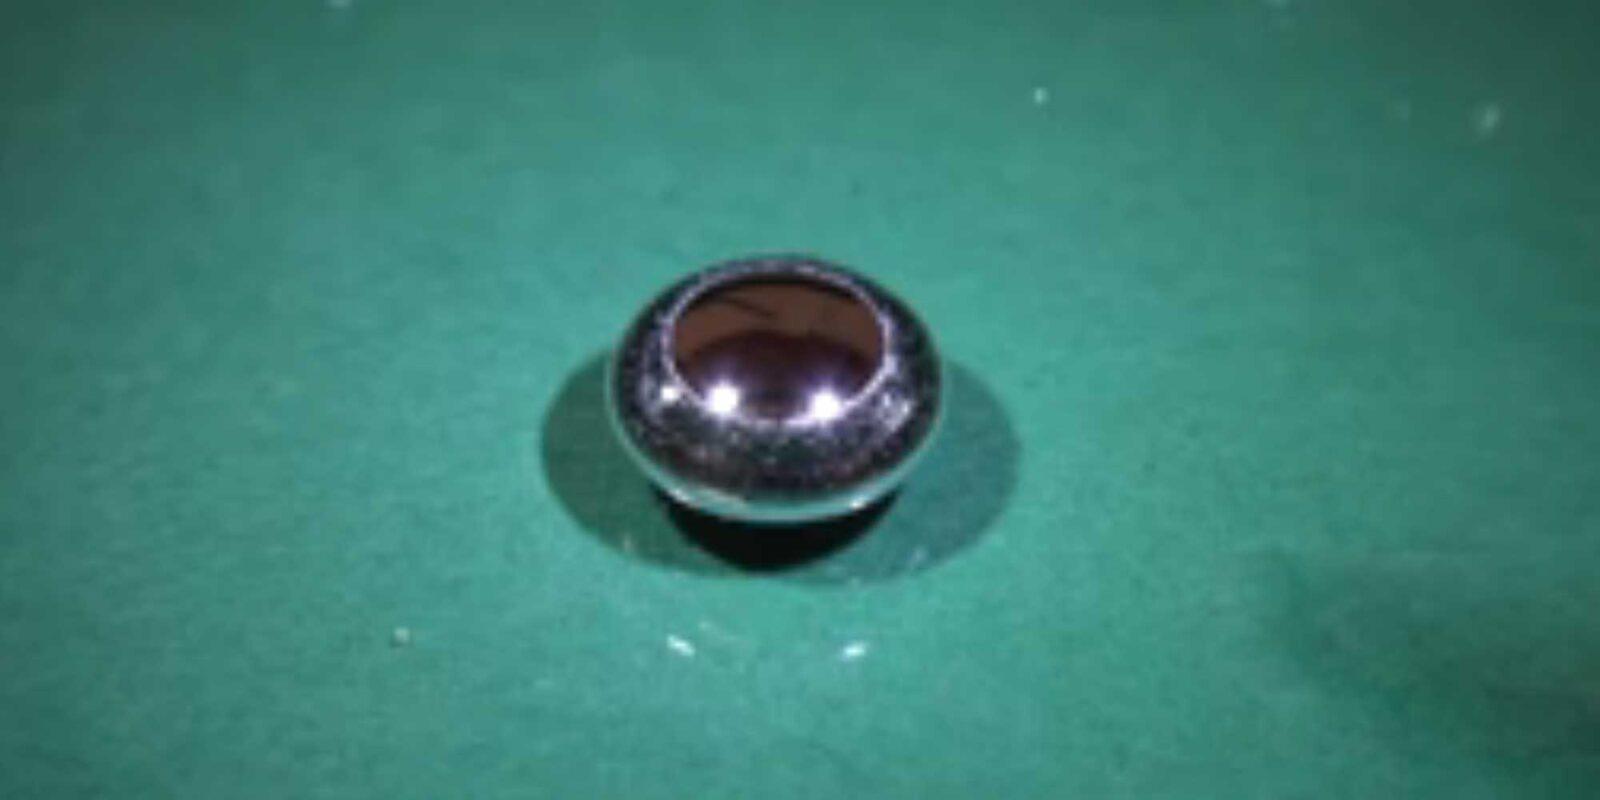 Gallium Nitrade